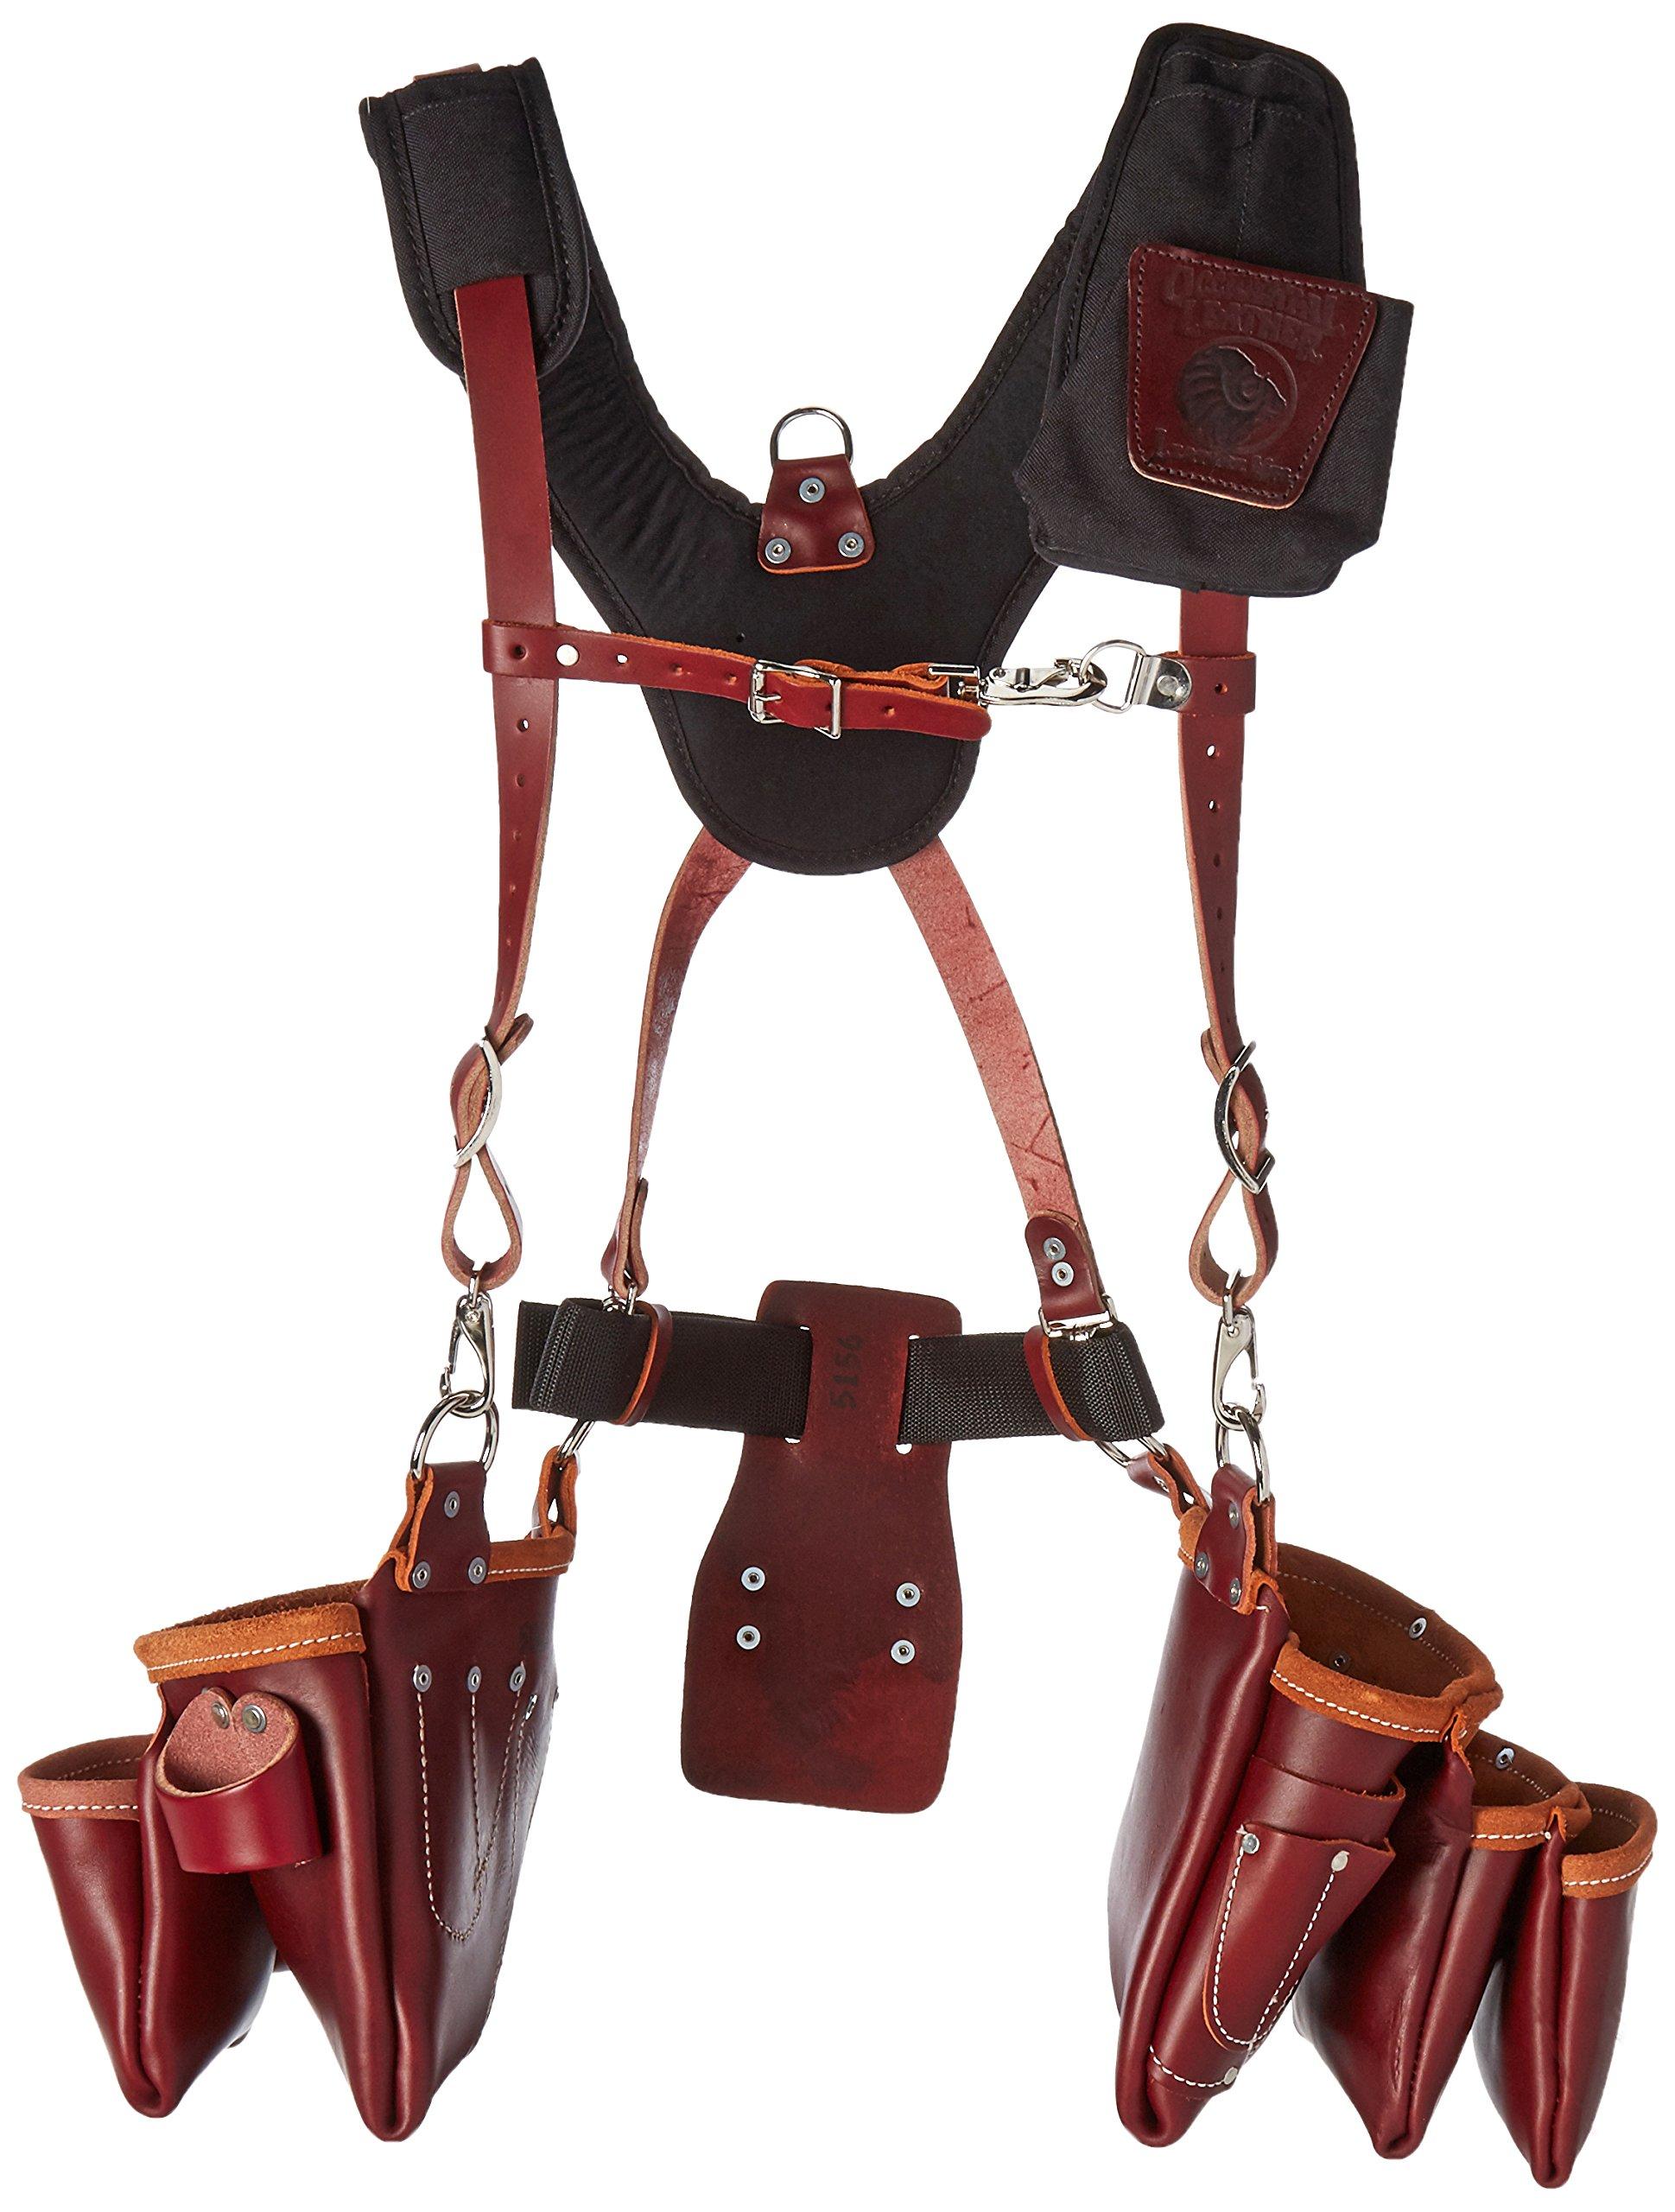 Occidental Leather 5093 Stronghold Beltless 6-bag Framer by Occidental Leather